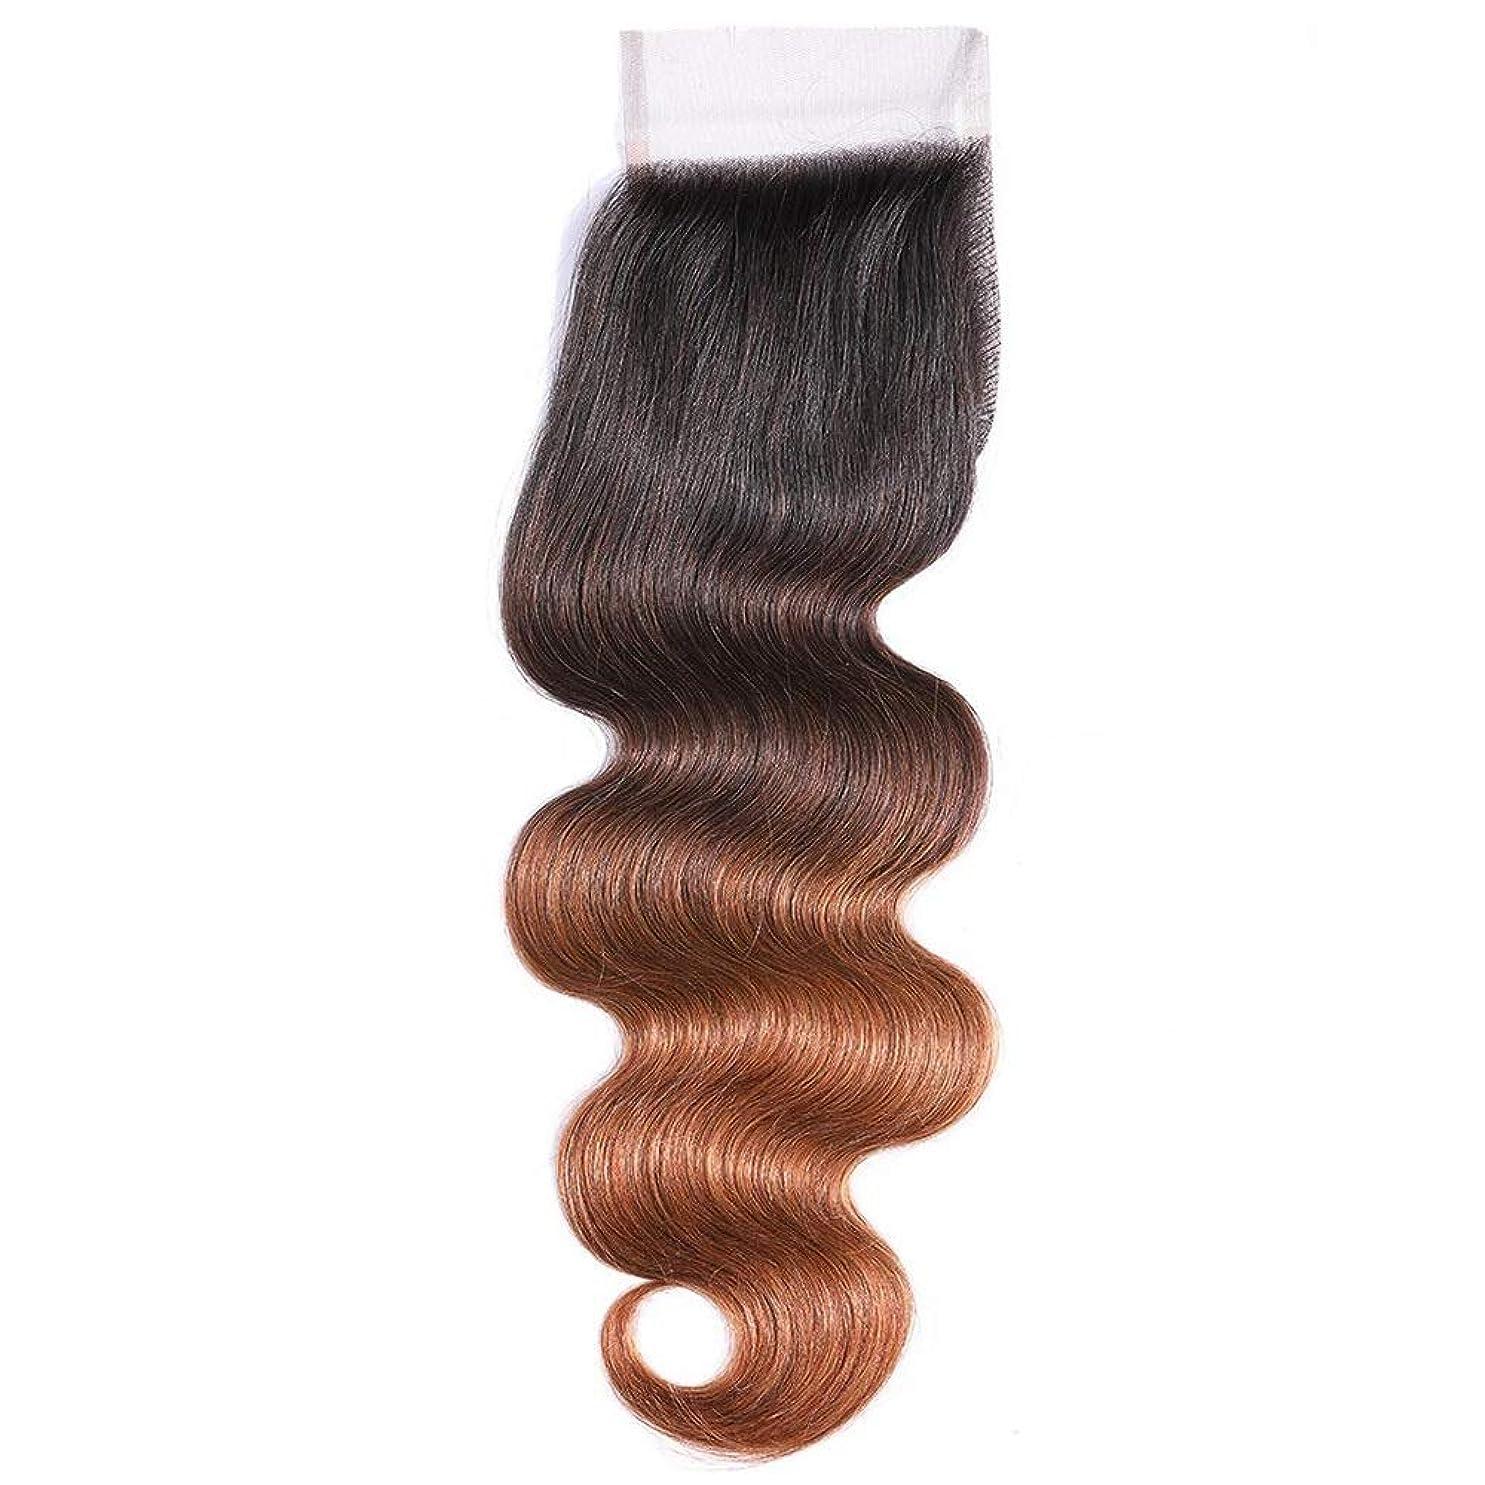 重なるコミットリーチBOBIDYEE ブラジルのトップレース前頭閉鎖ボディウェーブ人間の髪の毛の閉鎖4 * 4インチ - ブラウン3トーン色長い巻き毛のかつらブラウンかつらへの1B / 4/30ブラック (色 : ブラウン, サイズ : 12 inch)